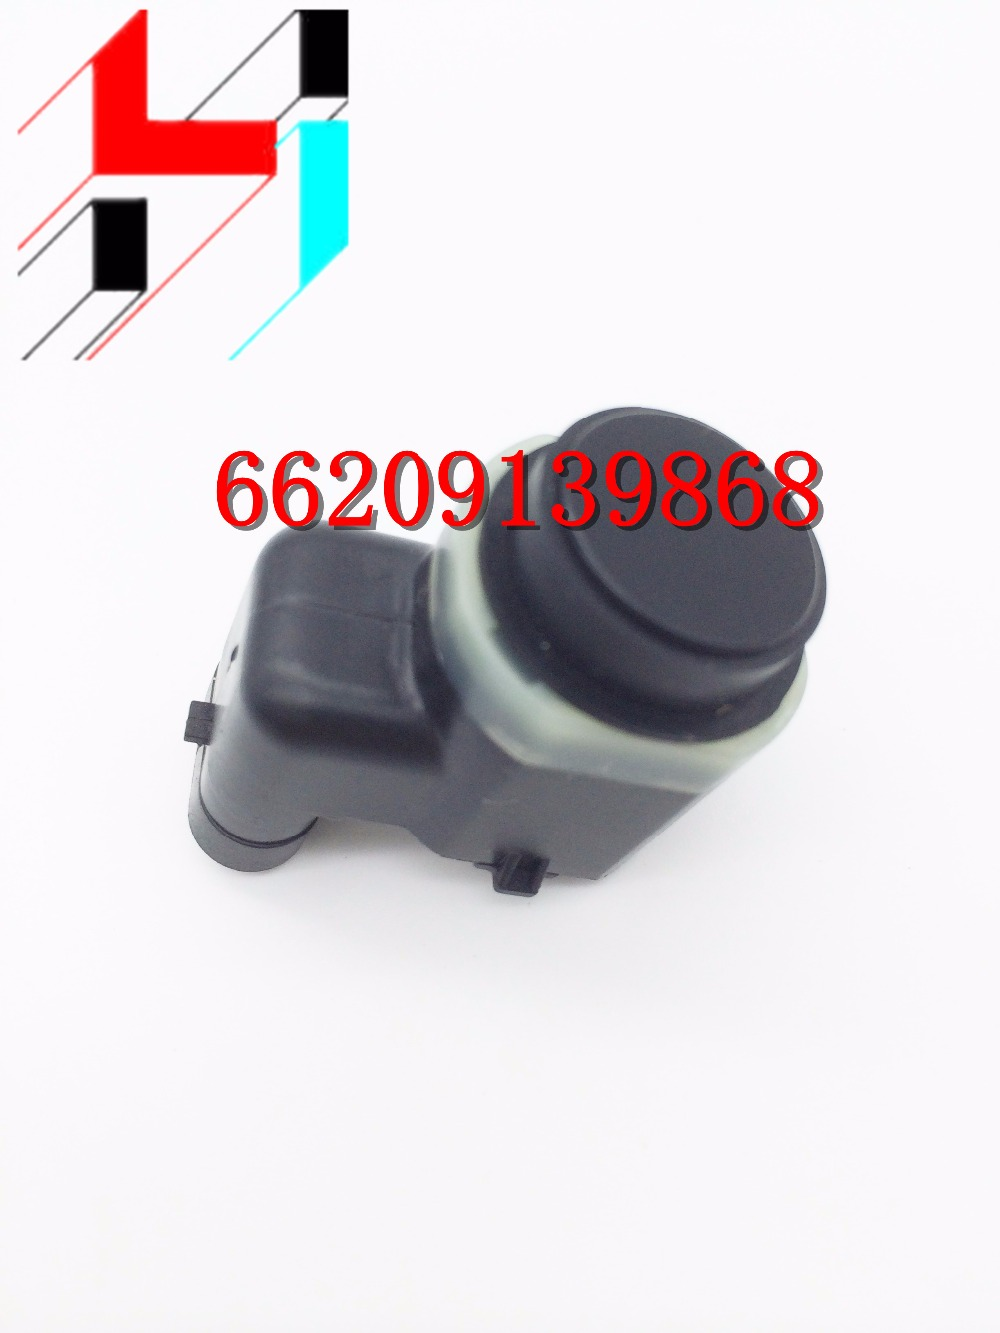 Parking PDC Reverse Sensor For 5er E60 E61 X3 X5 X6 E83 E70 E71 66209231287 66209139868